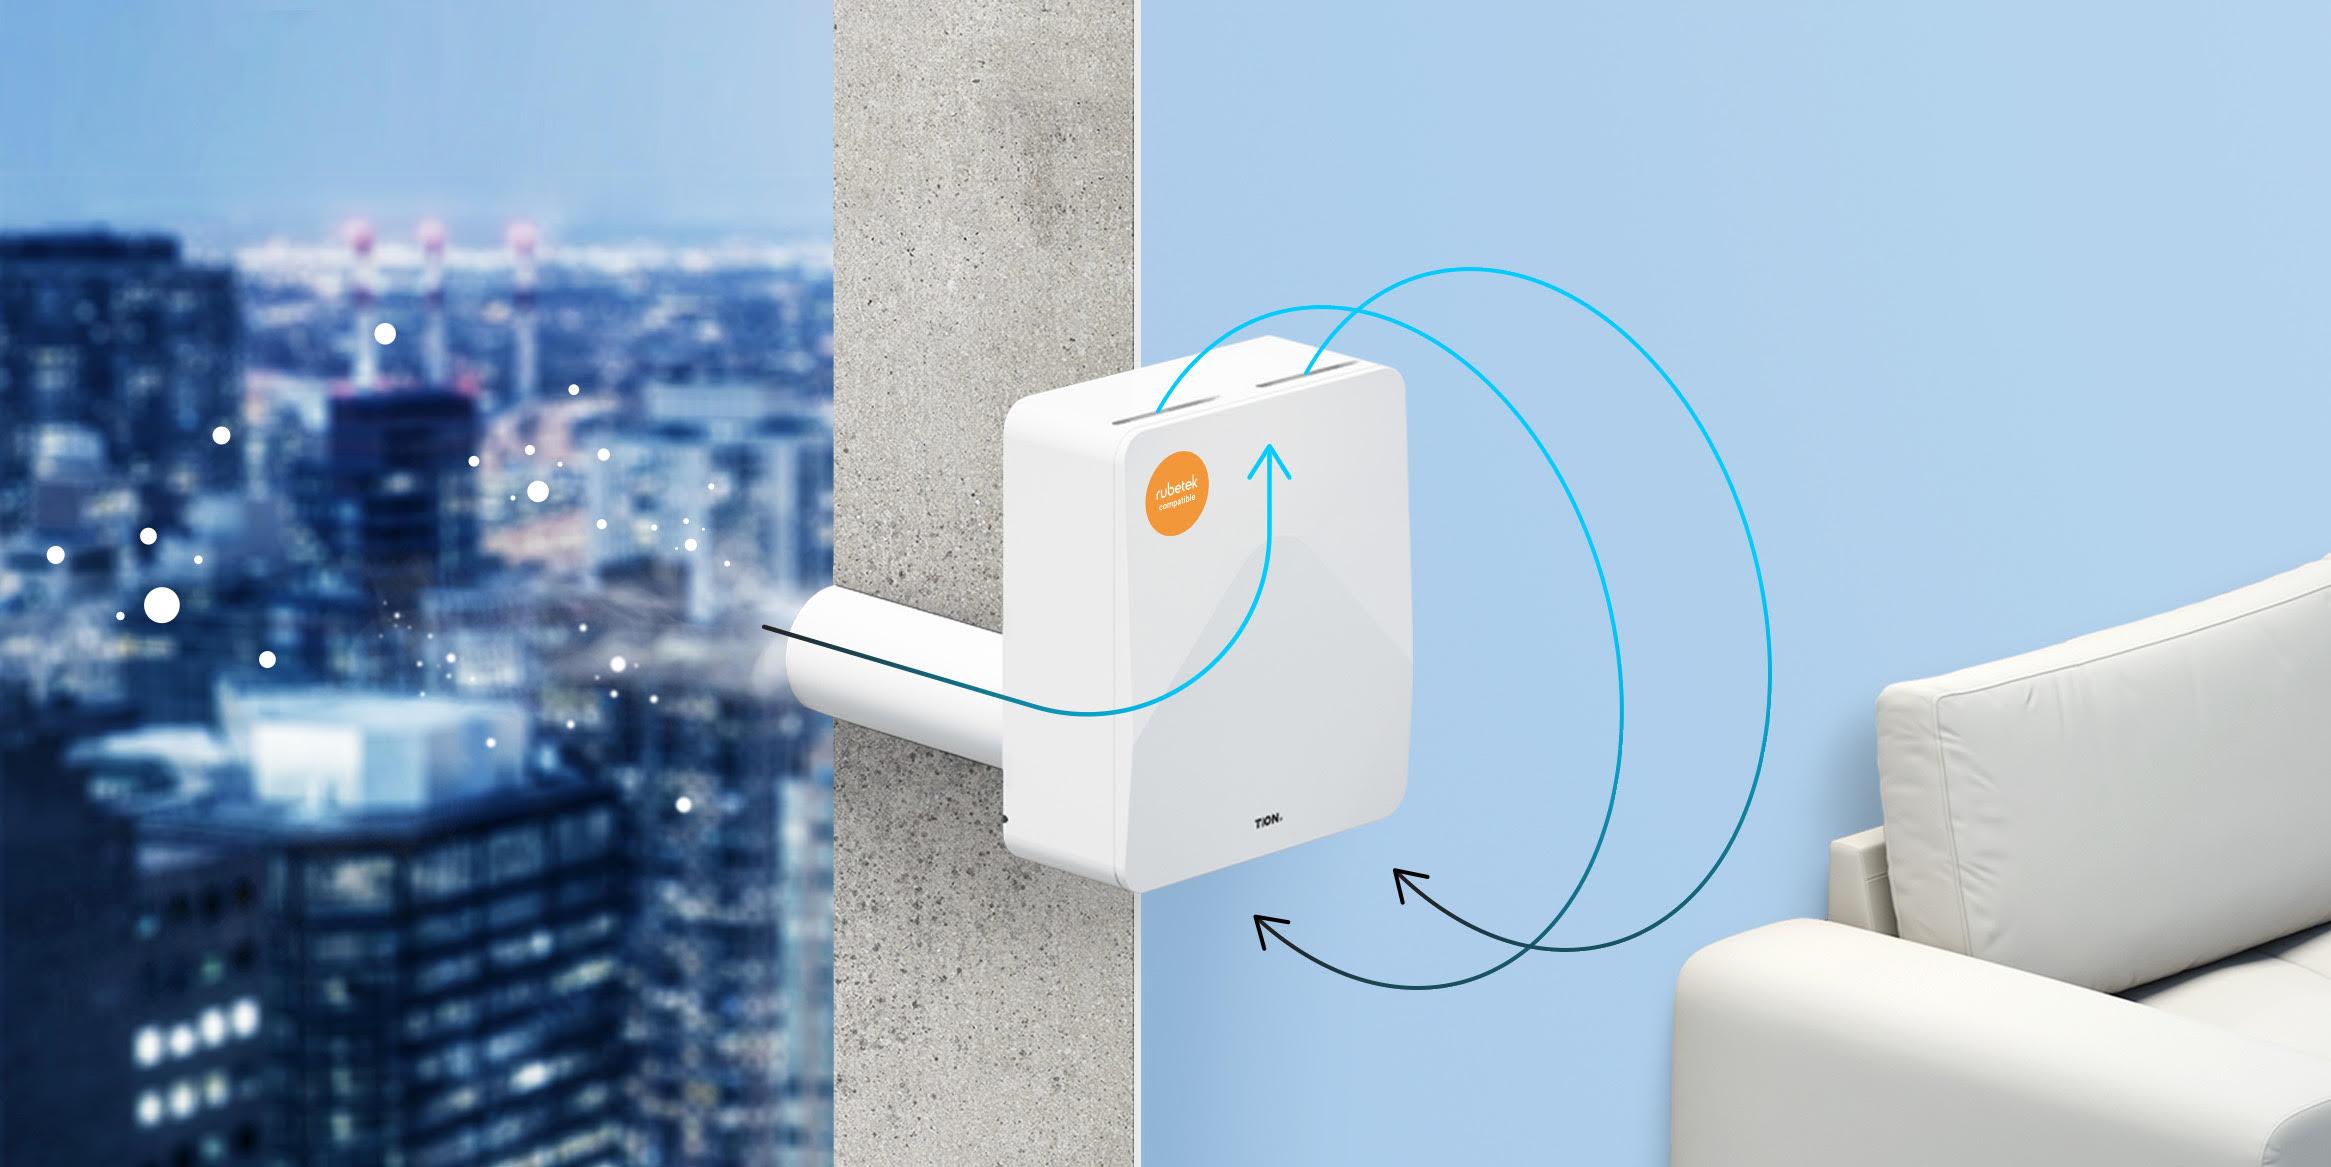 Rubetek и Tion выпустили бризер, который очищает воздух и управляет кондиционером, освещением, видеонаблюдением и другими элементами умного дома